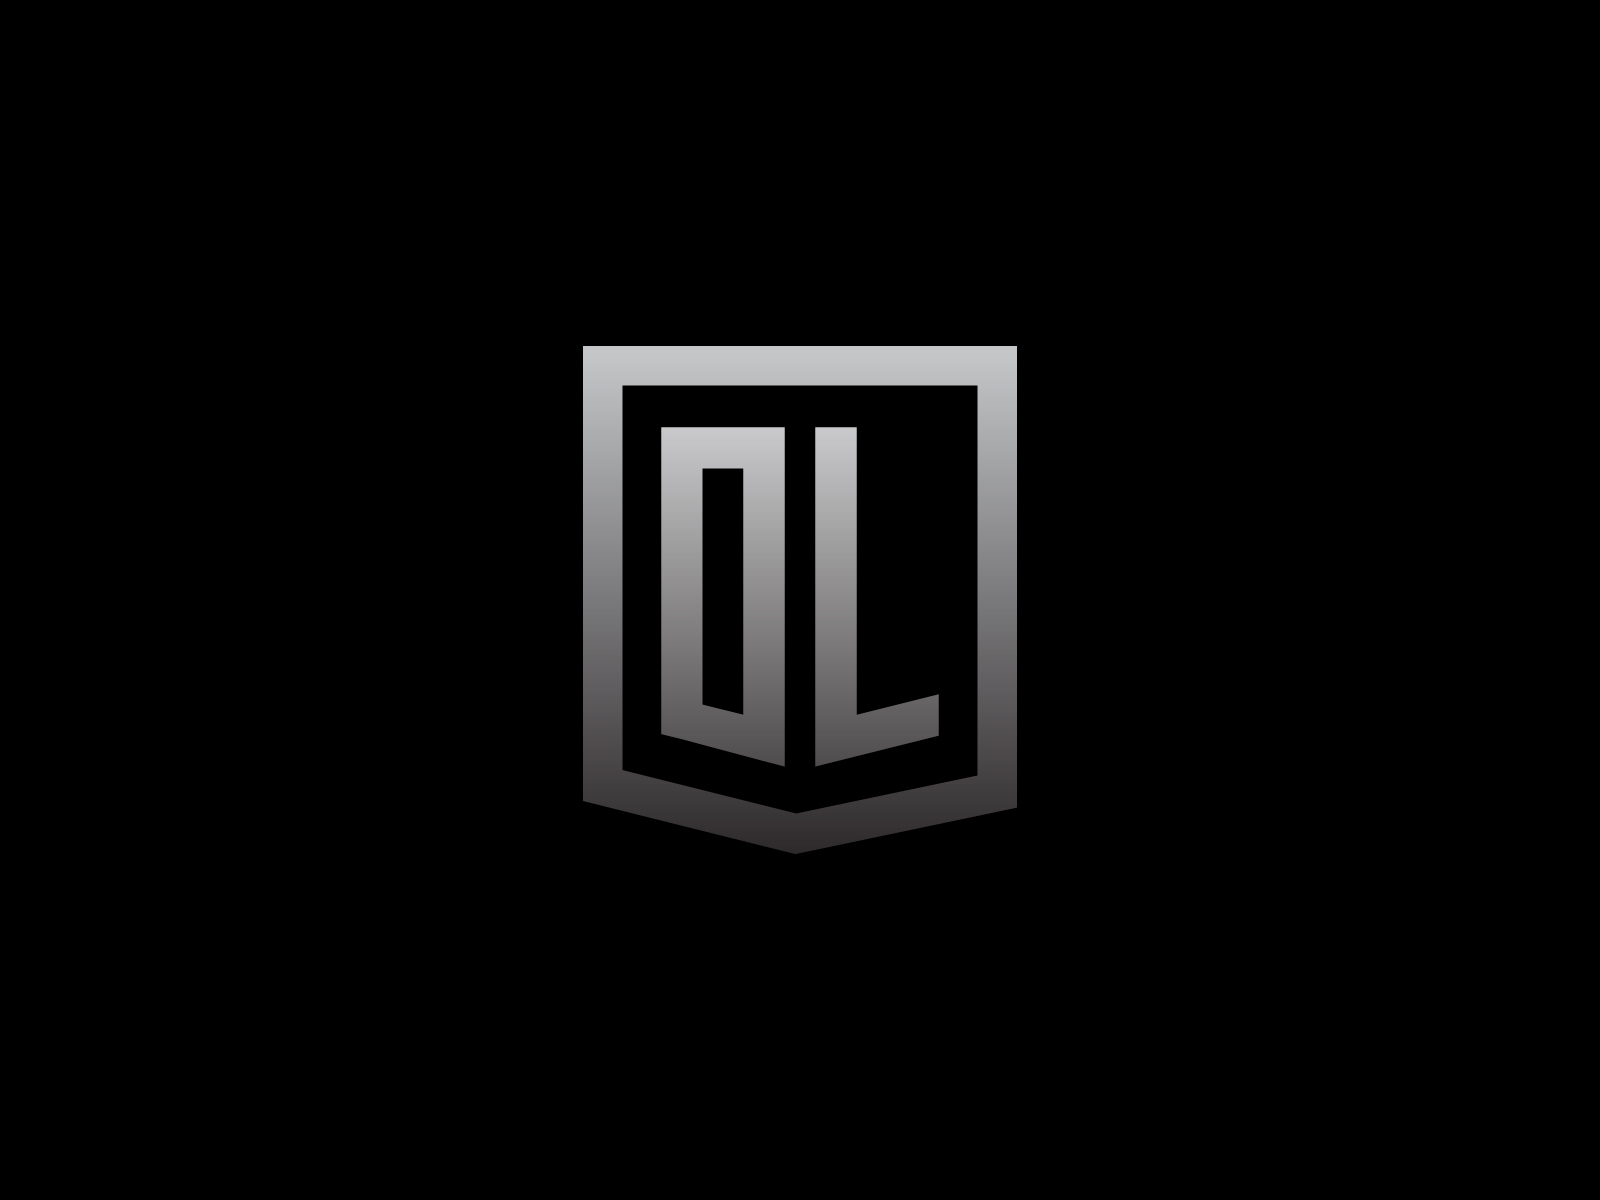 Dl Monogram Logo By Rahal Nejraoui On Dribbble